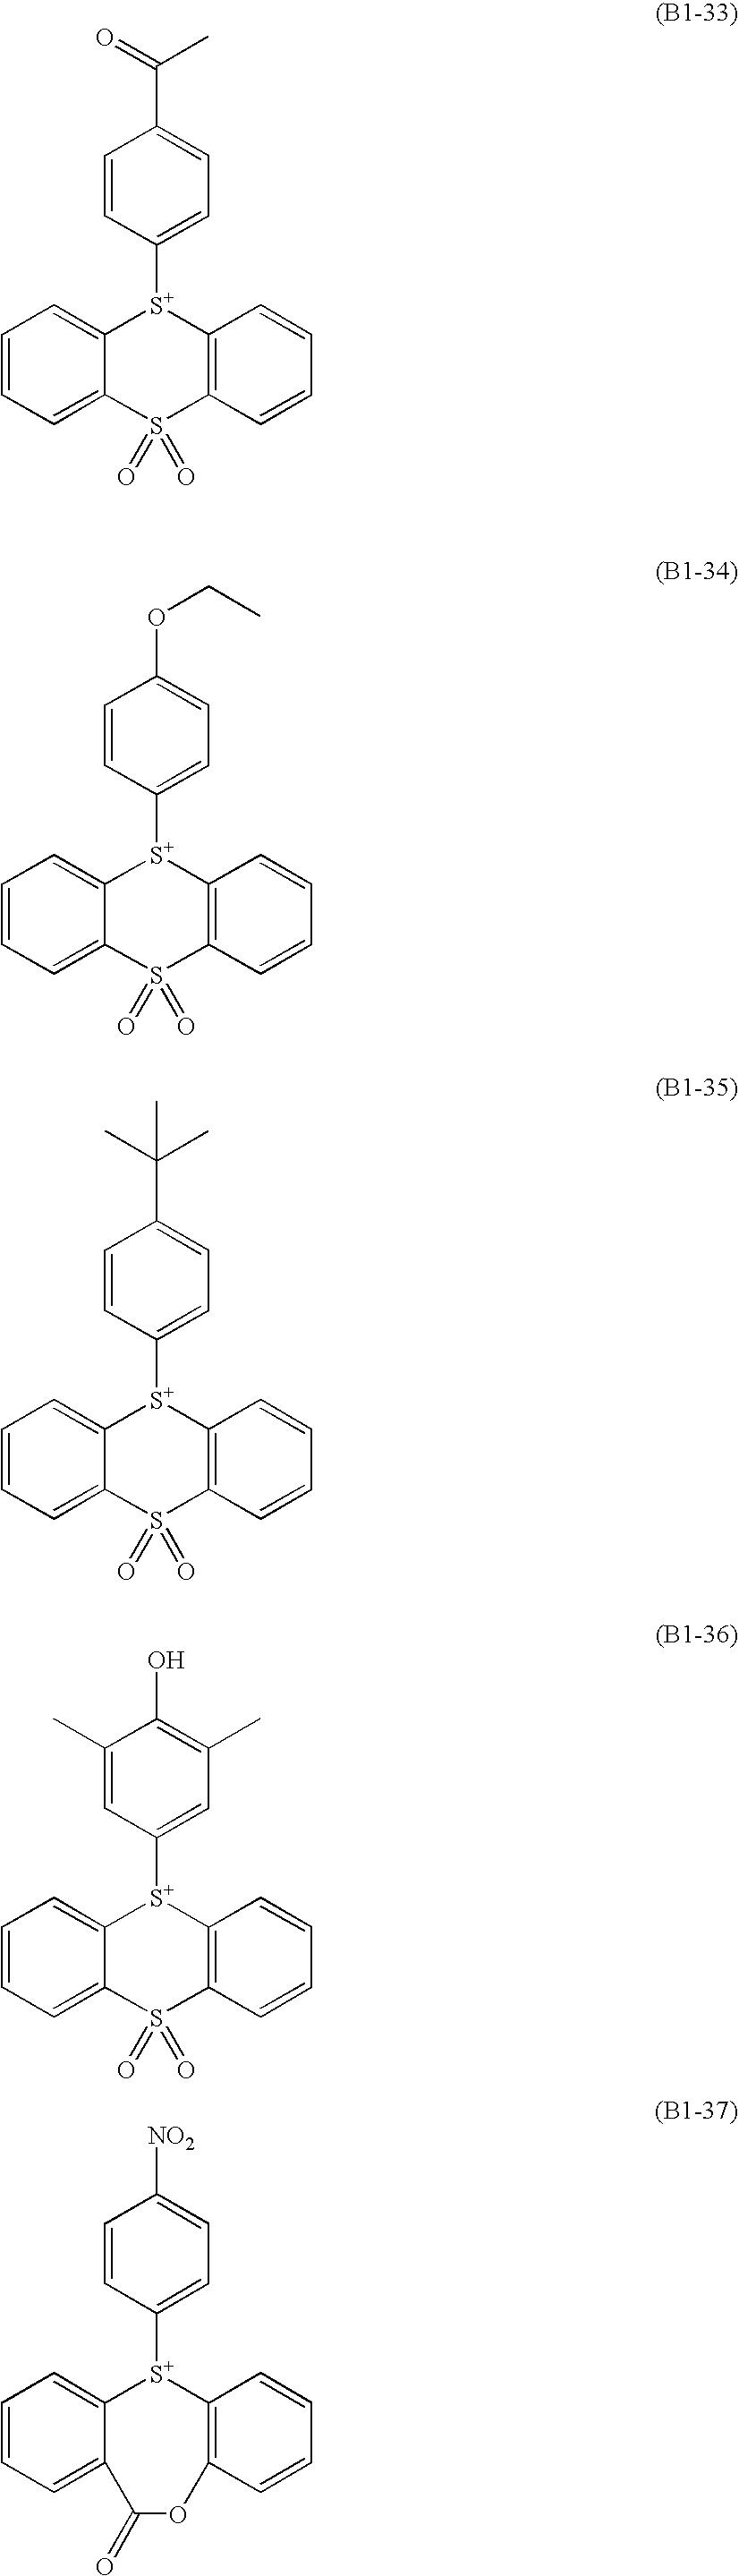 Figure US08852845-20141007-C00016